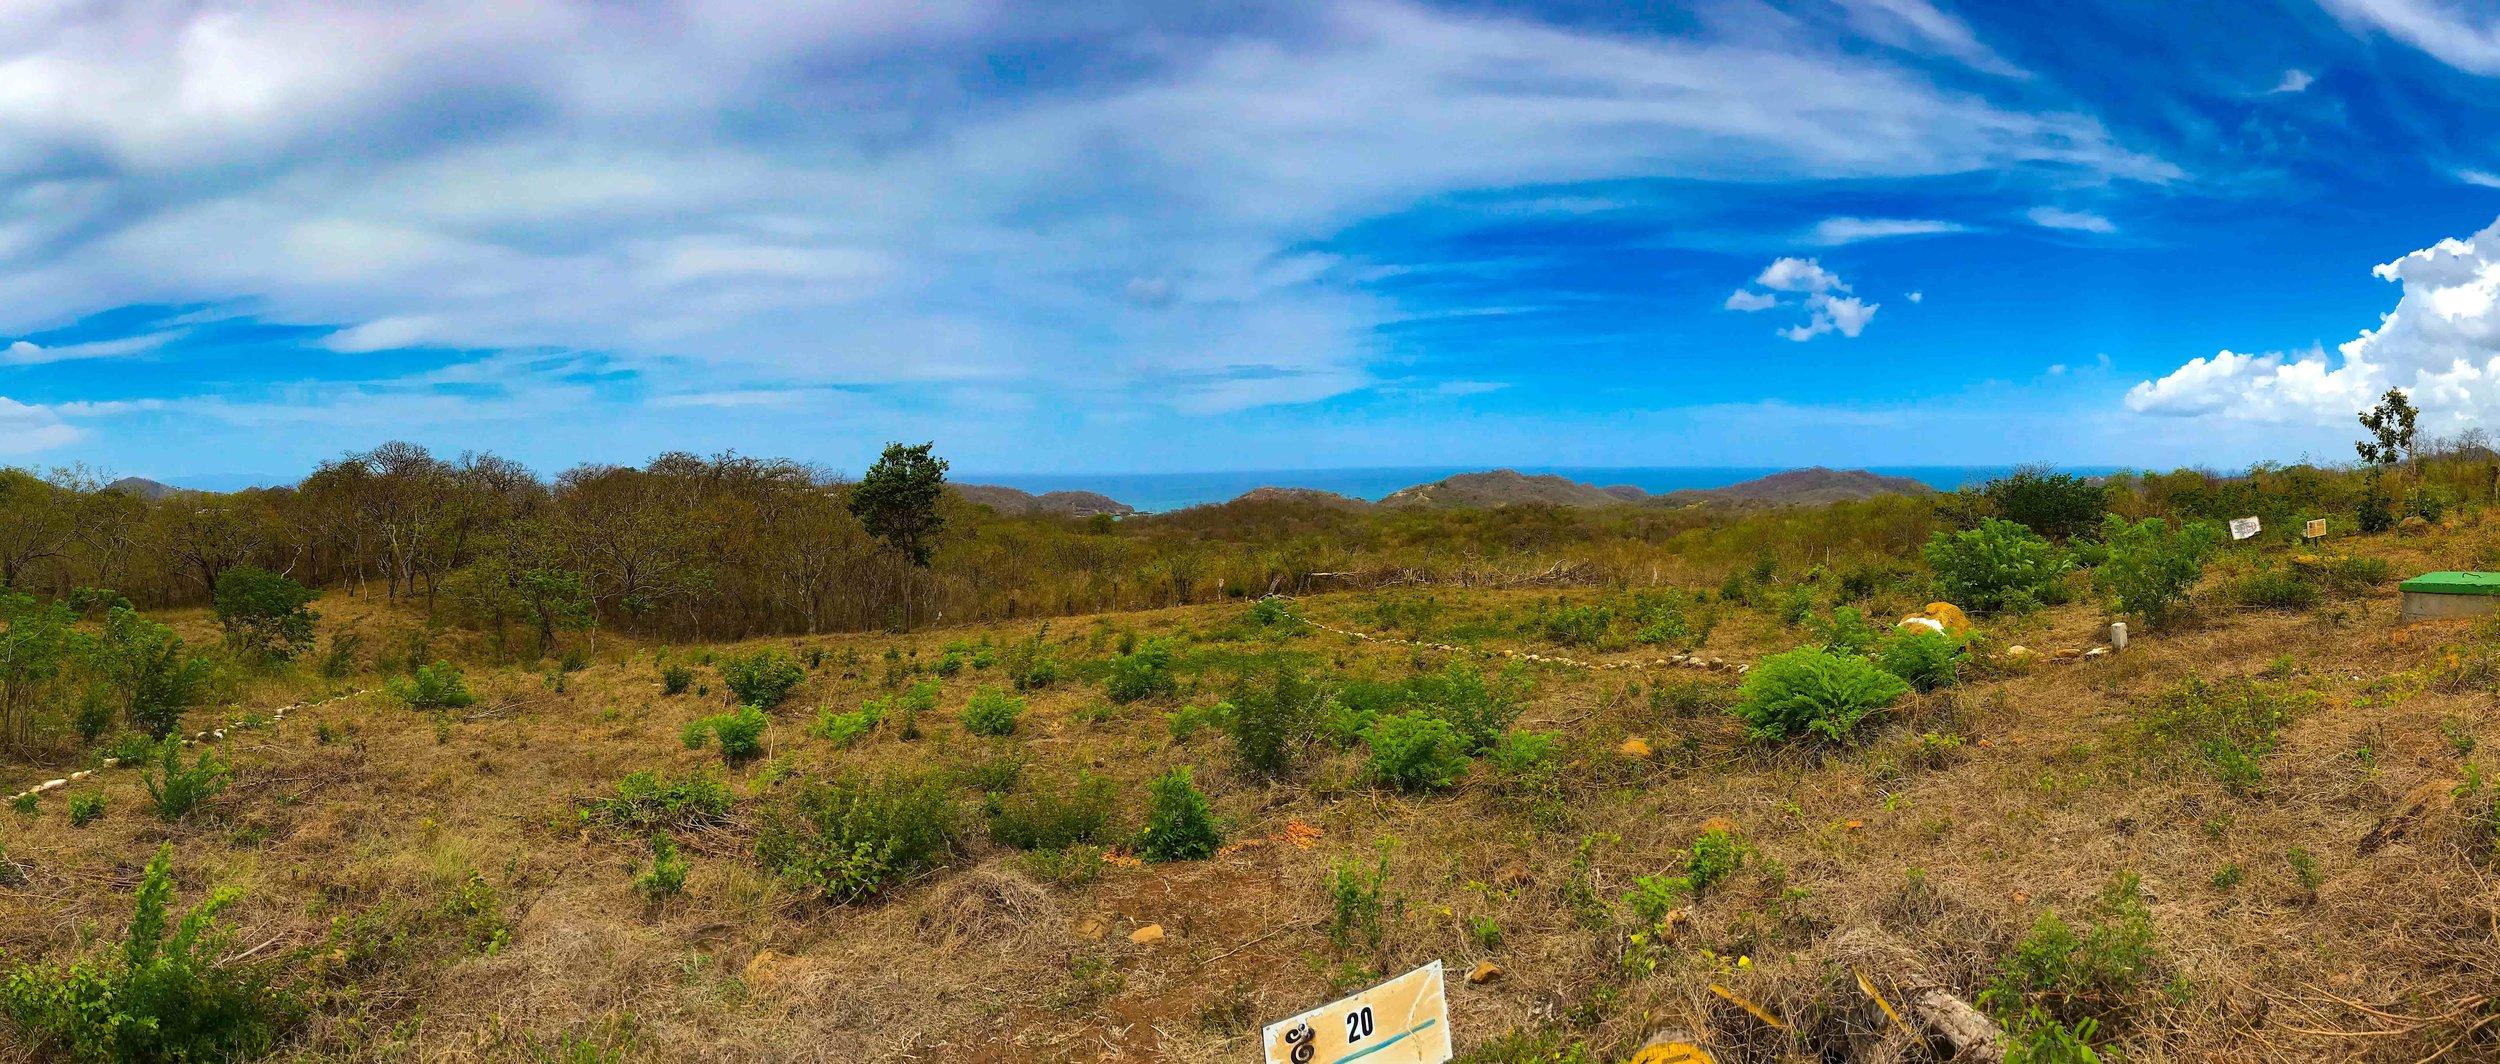 San Juan Del Sur Nicaragua Lot For Sale 2-min.JPEG